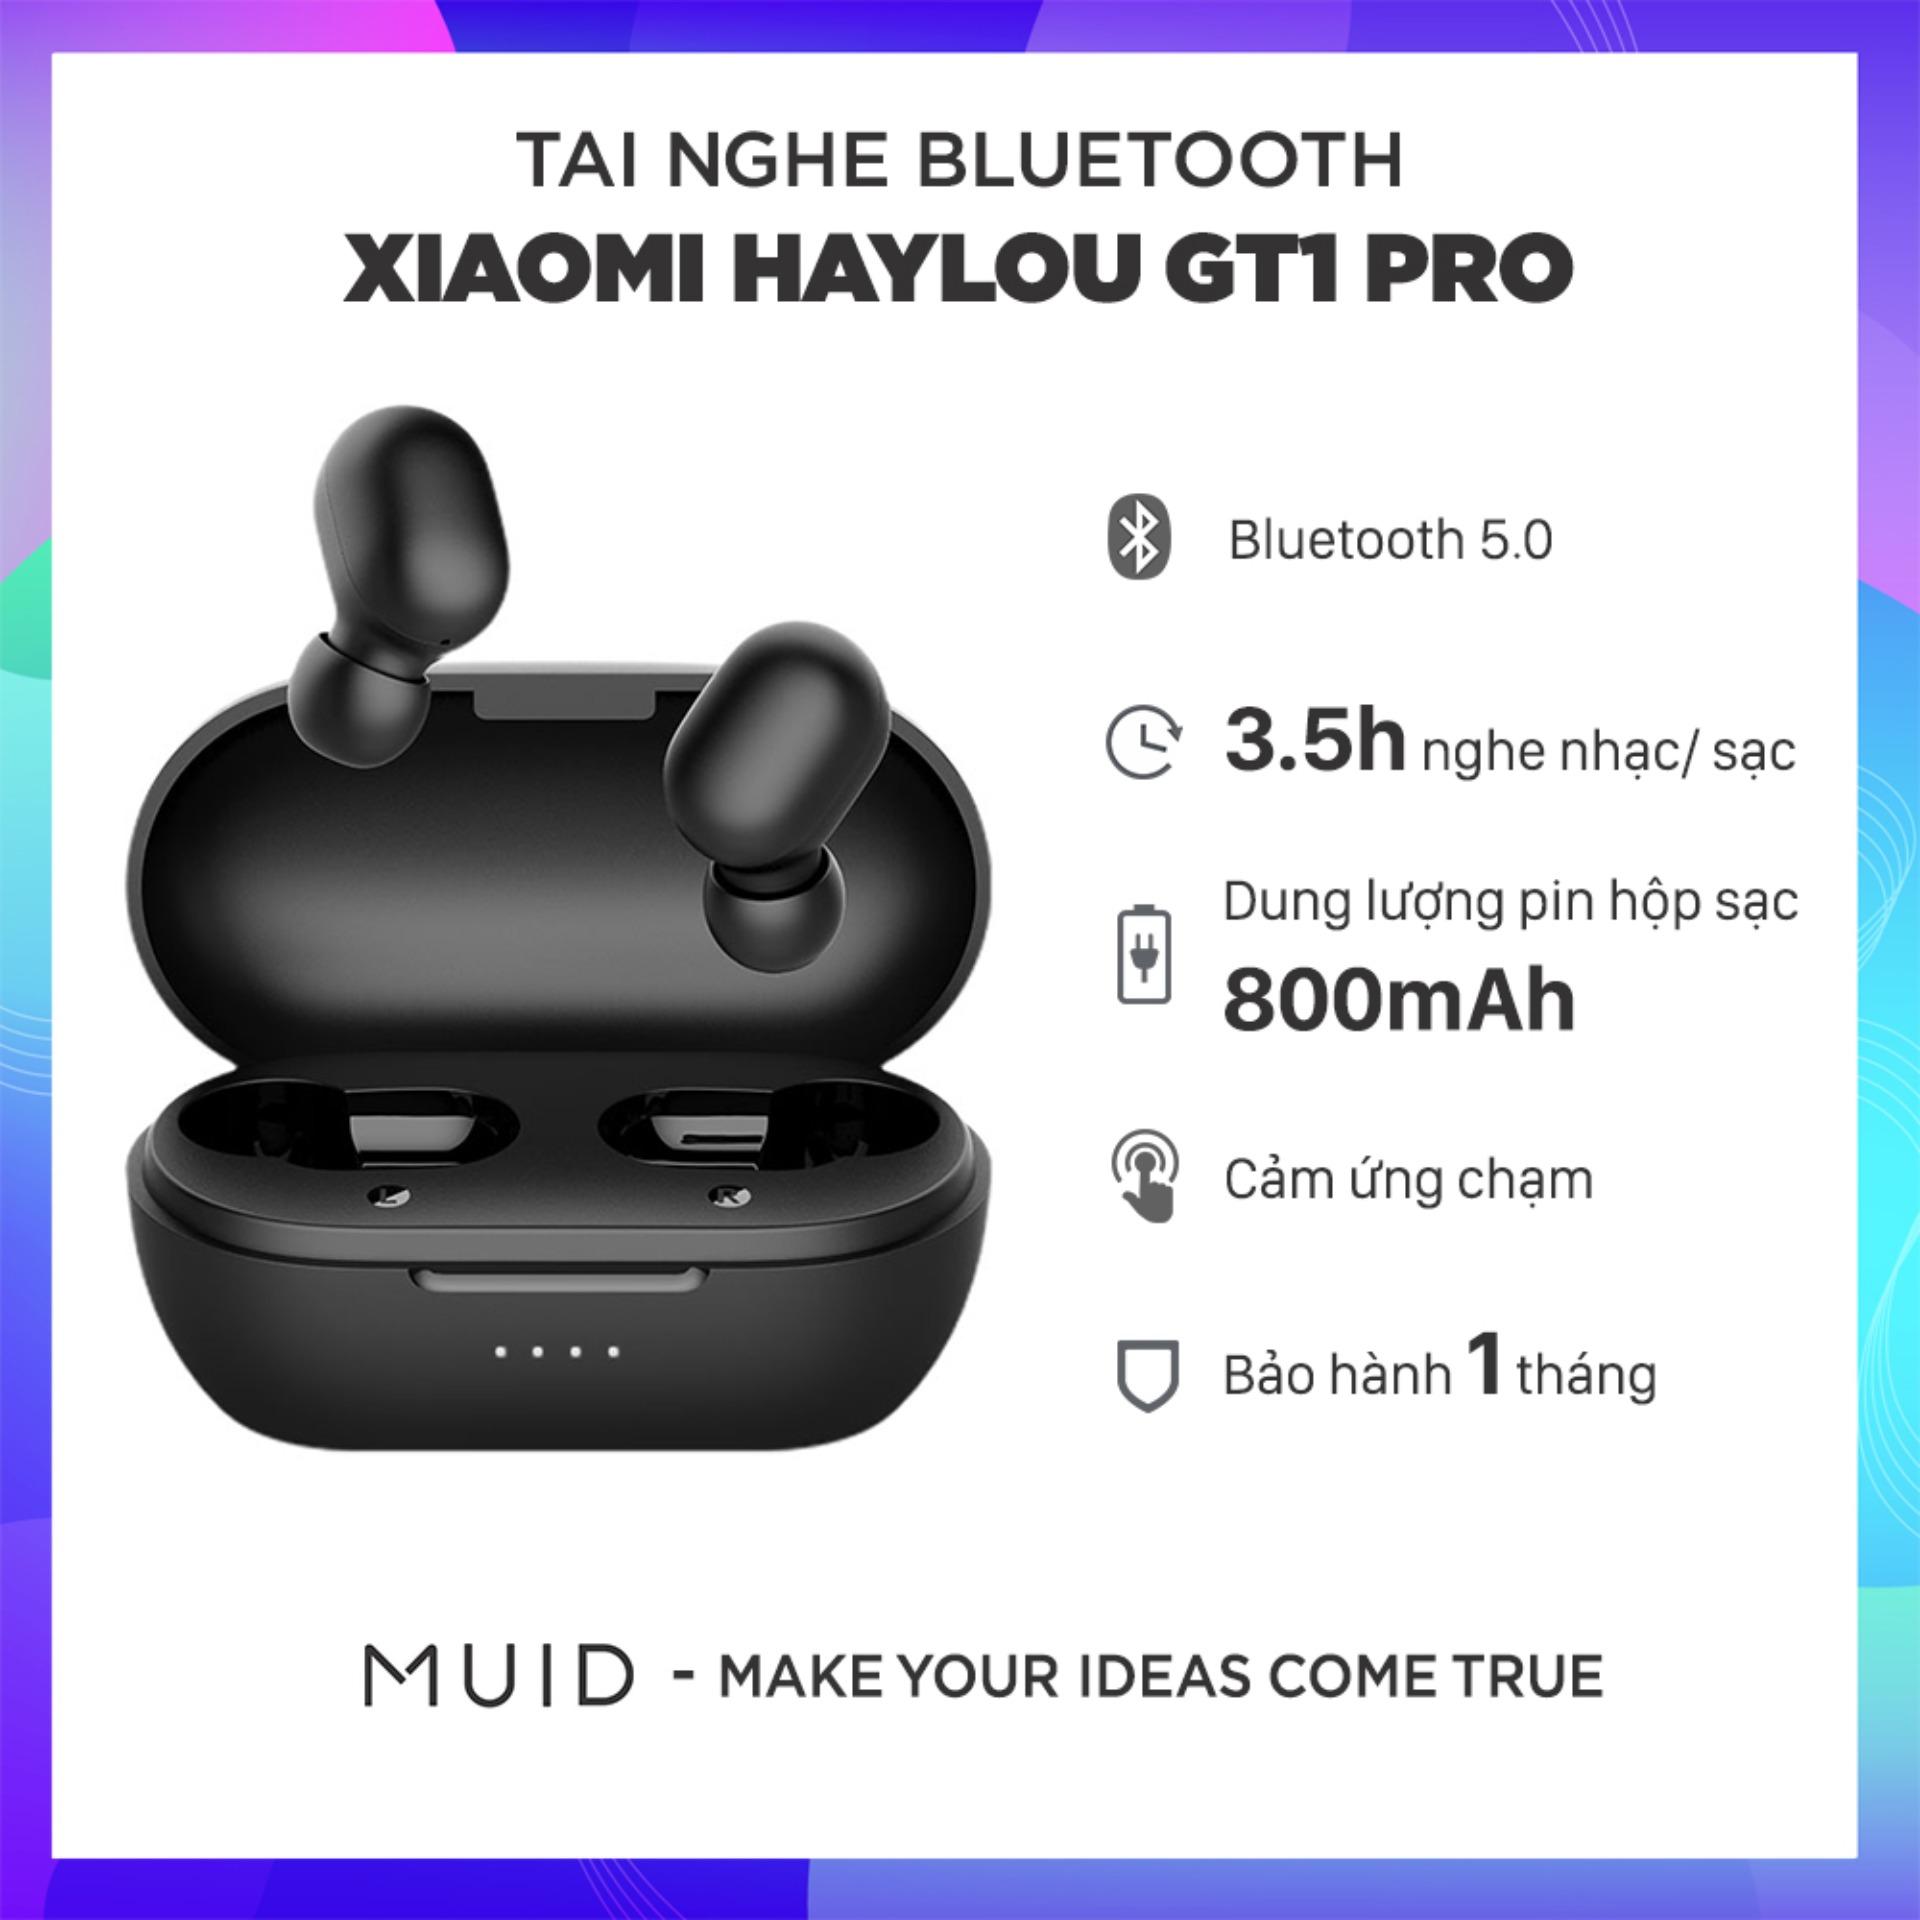 Tai Nghe Bluetooth True Wireless Xiaomi Haylou GT1 Pro Bluetooth 5.0 ( Phiên Bản Nâng Cấp Haylou GT1)